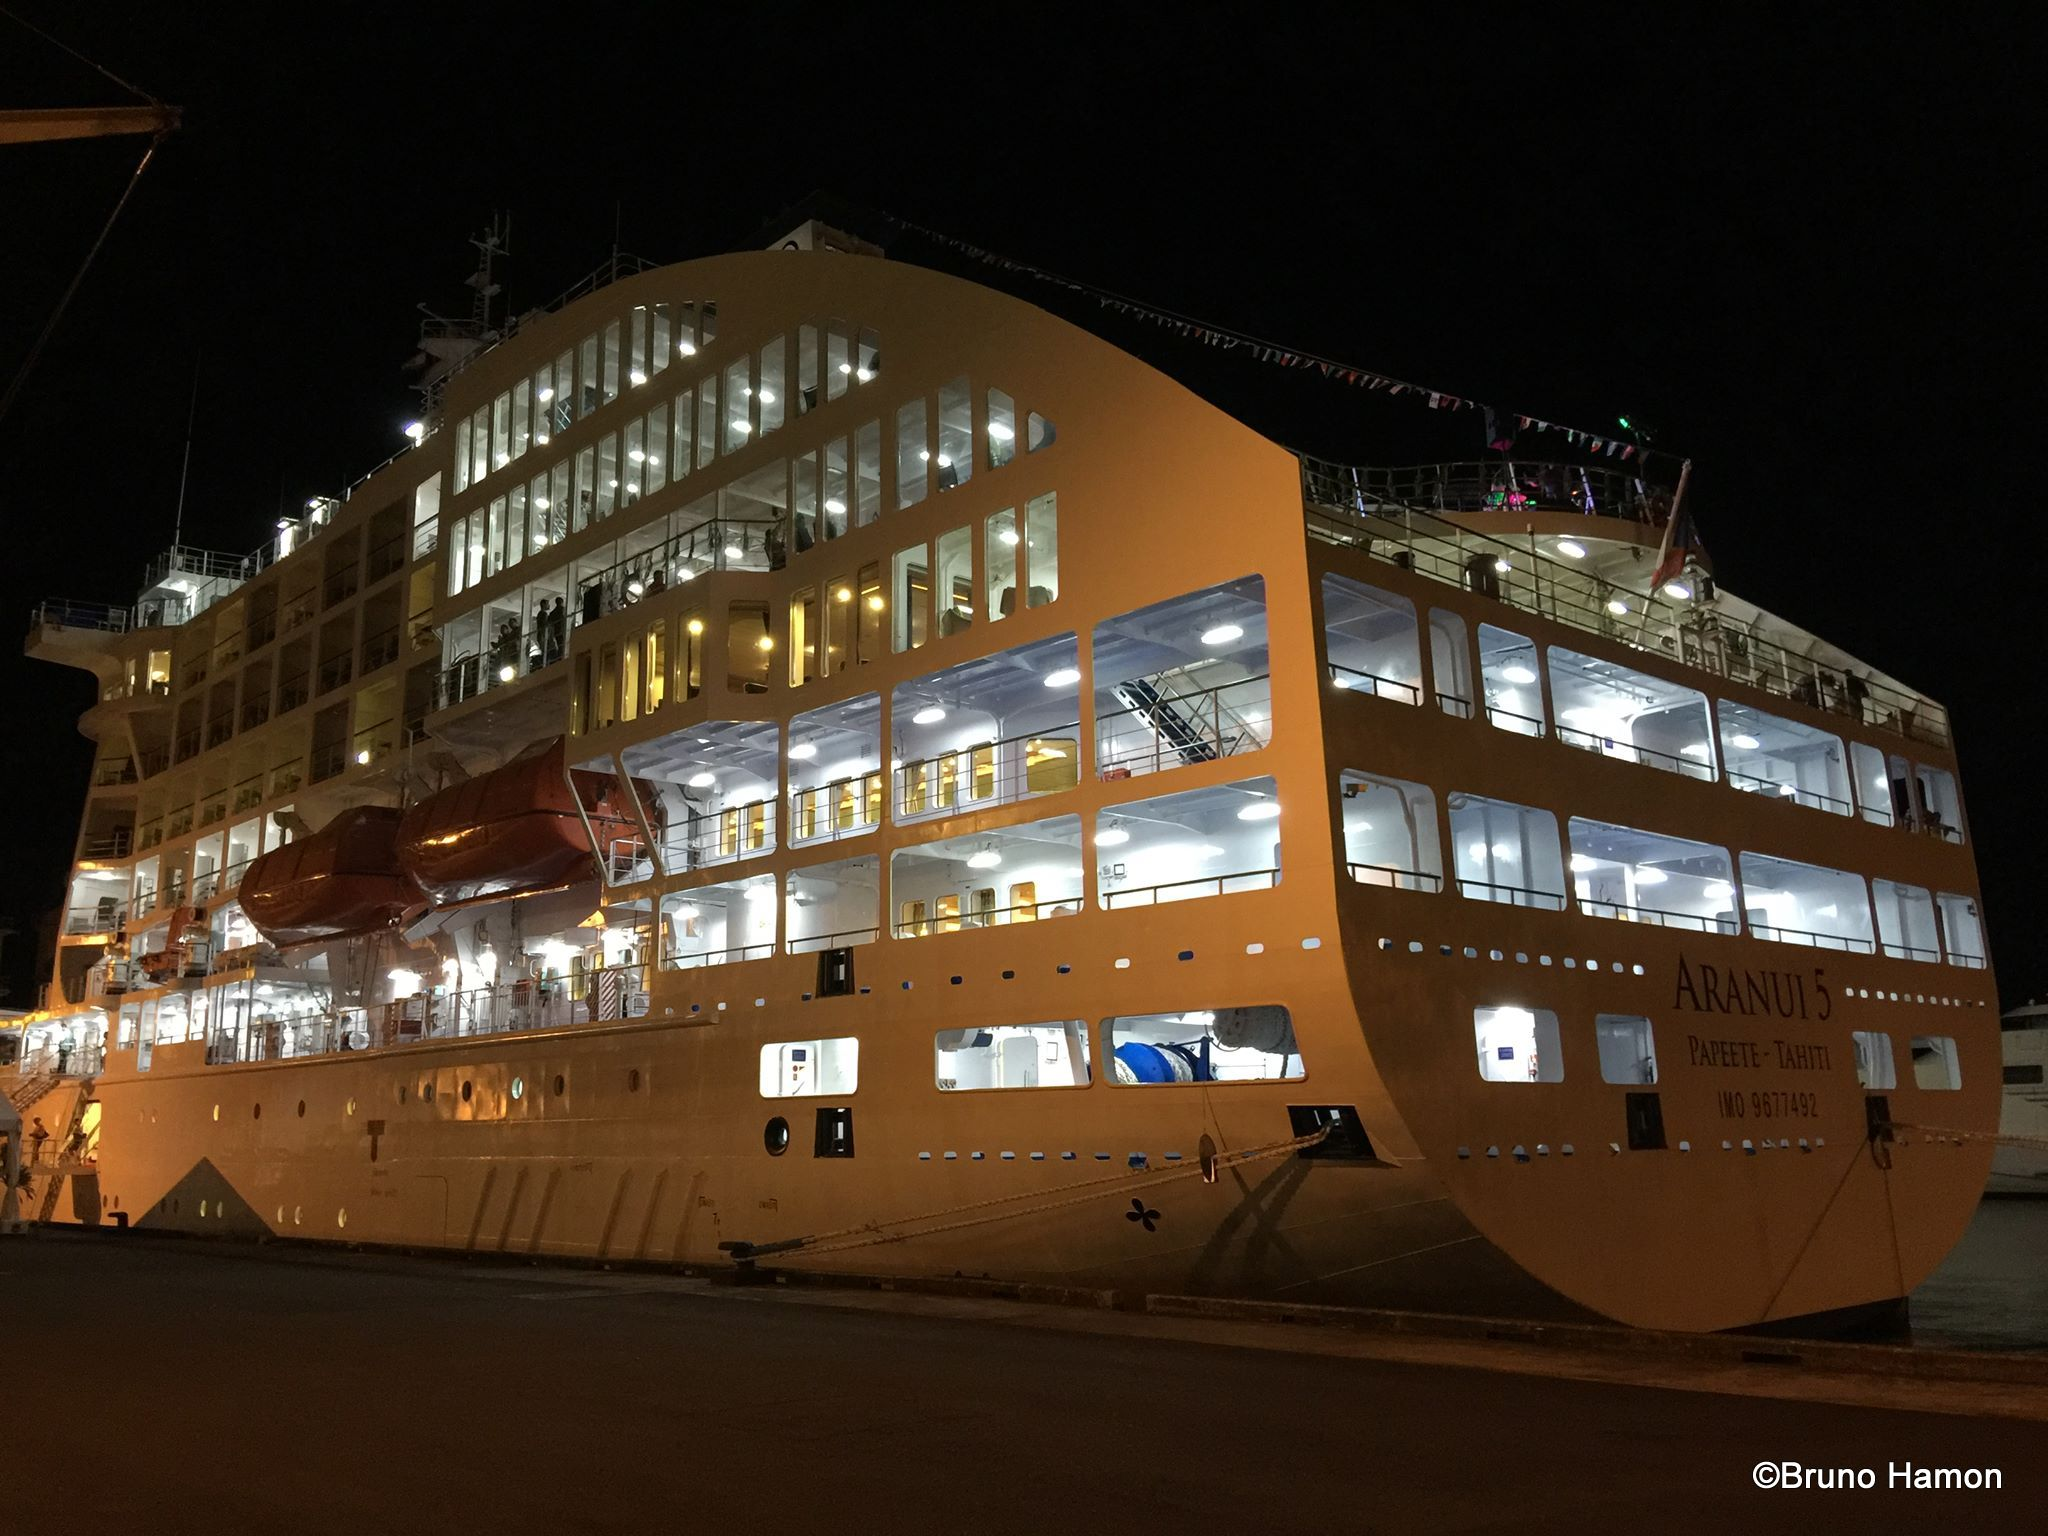 Aranui 5 inauguré en grande pompe